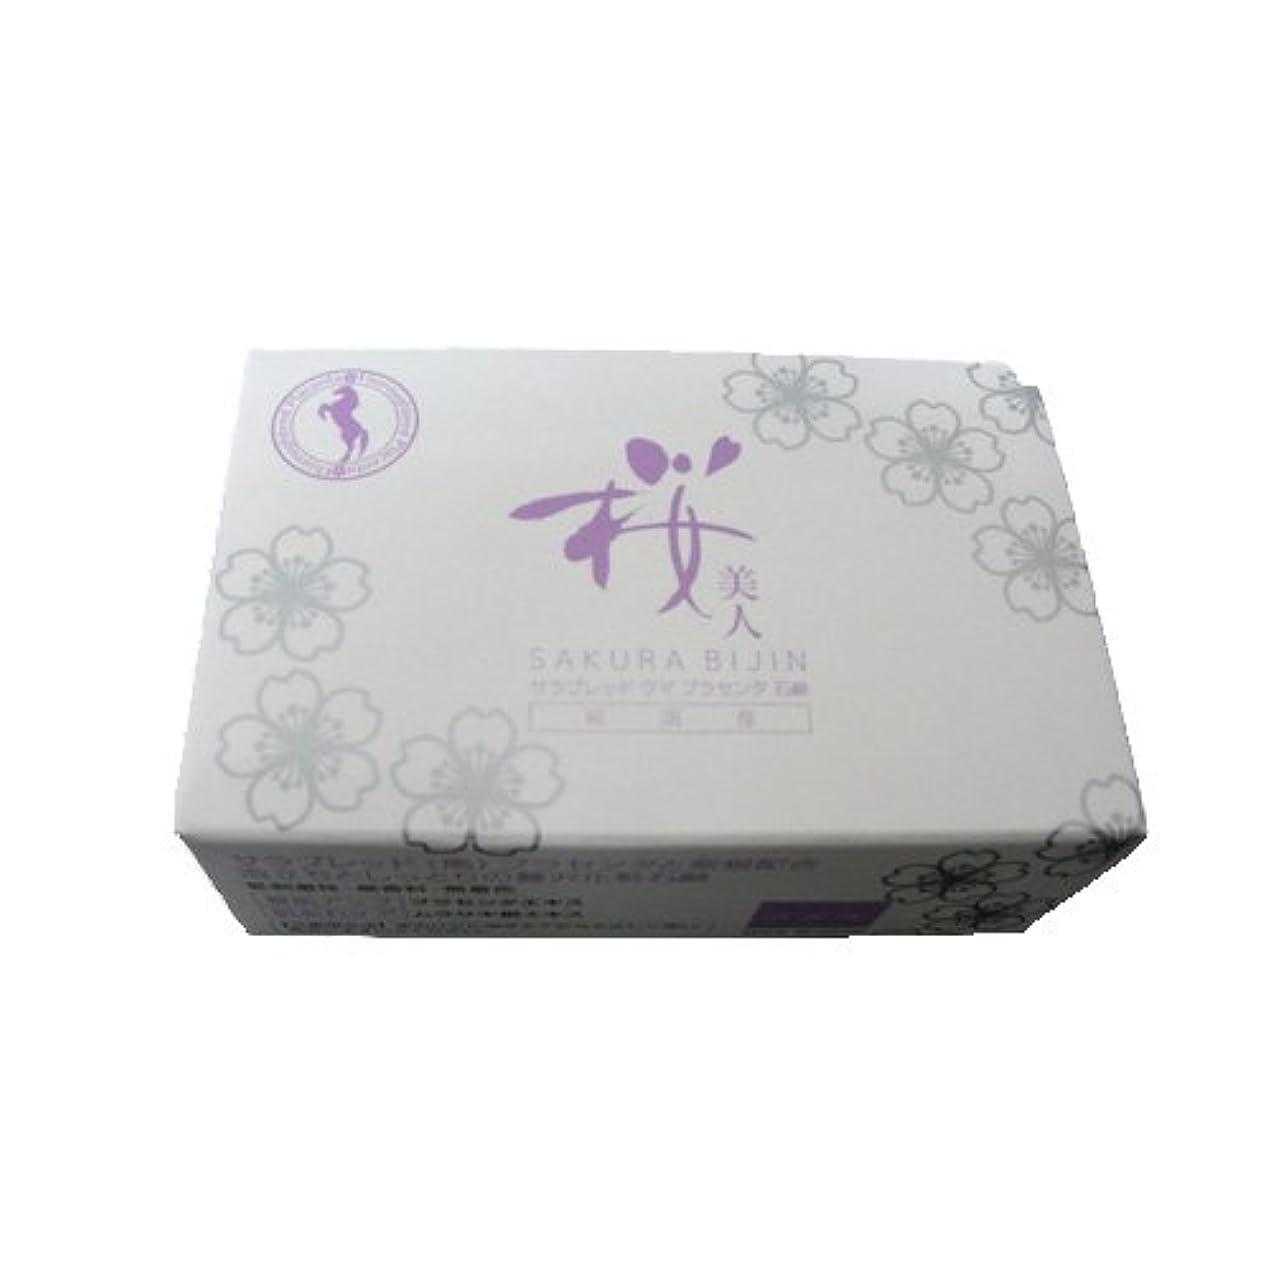 ウマ(馬)プラセンタと紫根配合【桜美人スキン石けん】泡立ちしっとりの贅沢配合!